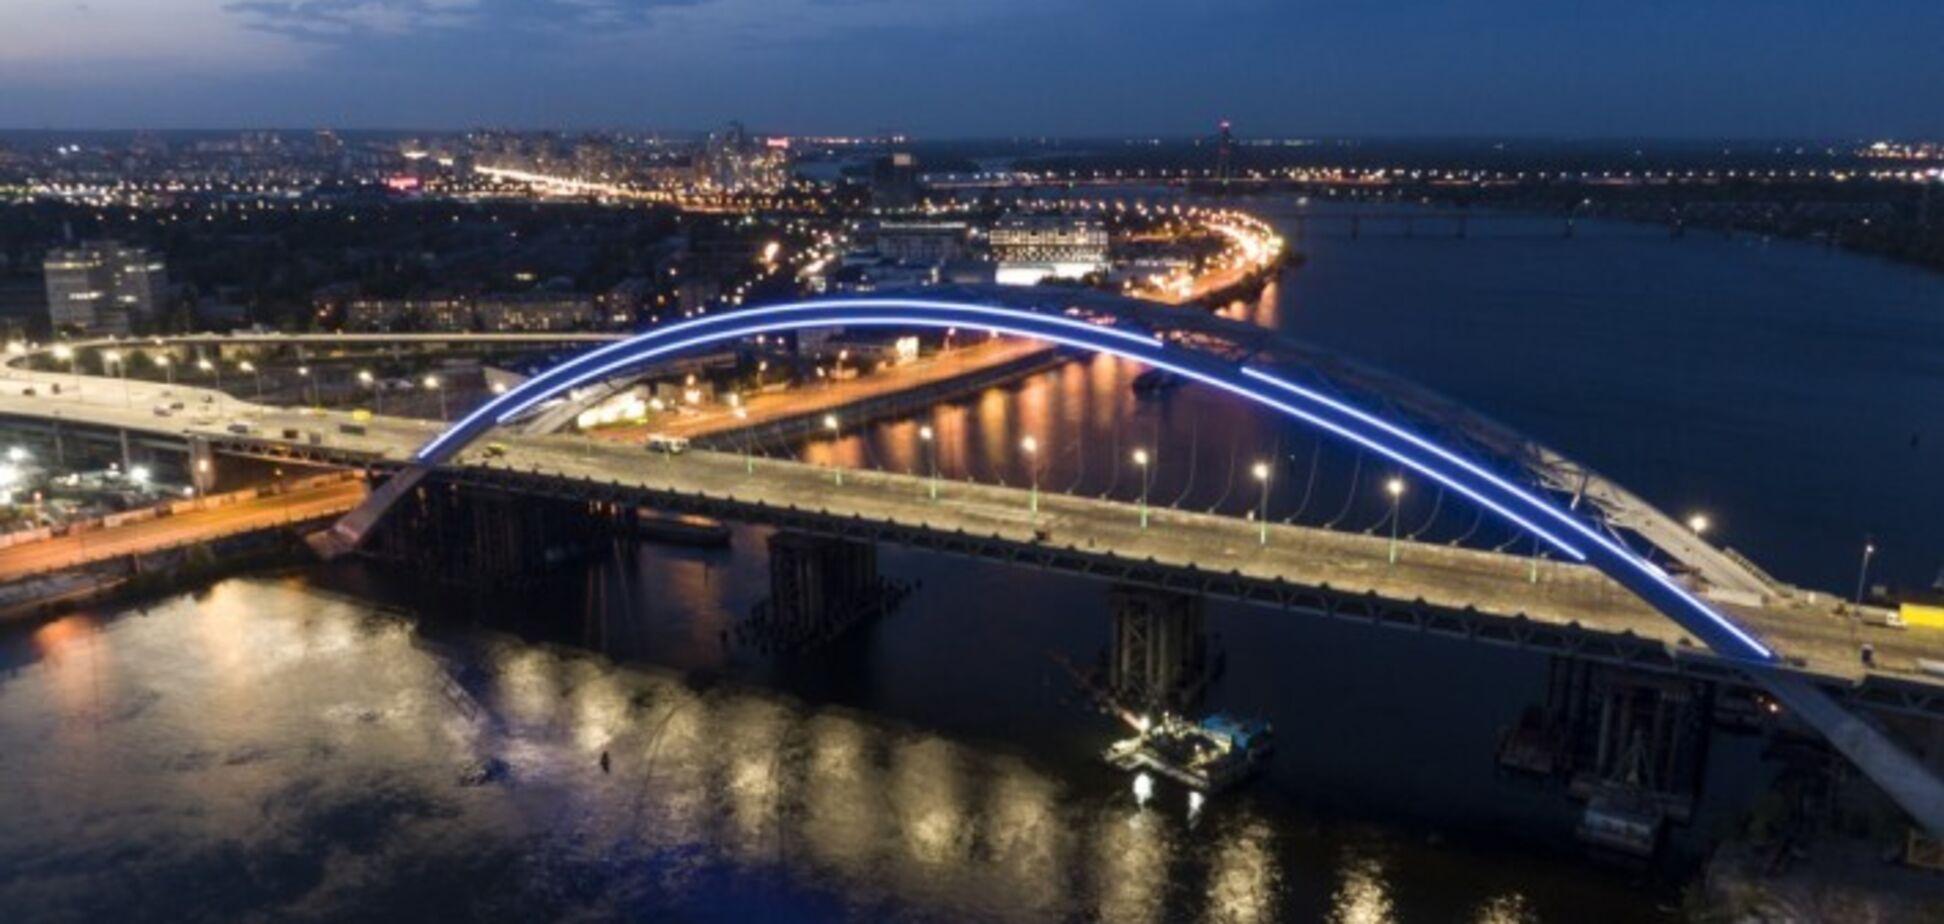 Мост-волна, станции метро, Арсенал: топ-7 проектов, которые изменят Киев в 2021 году